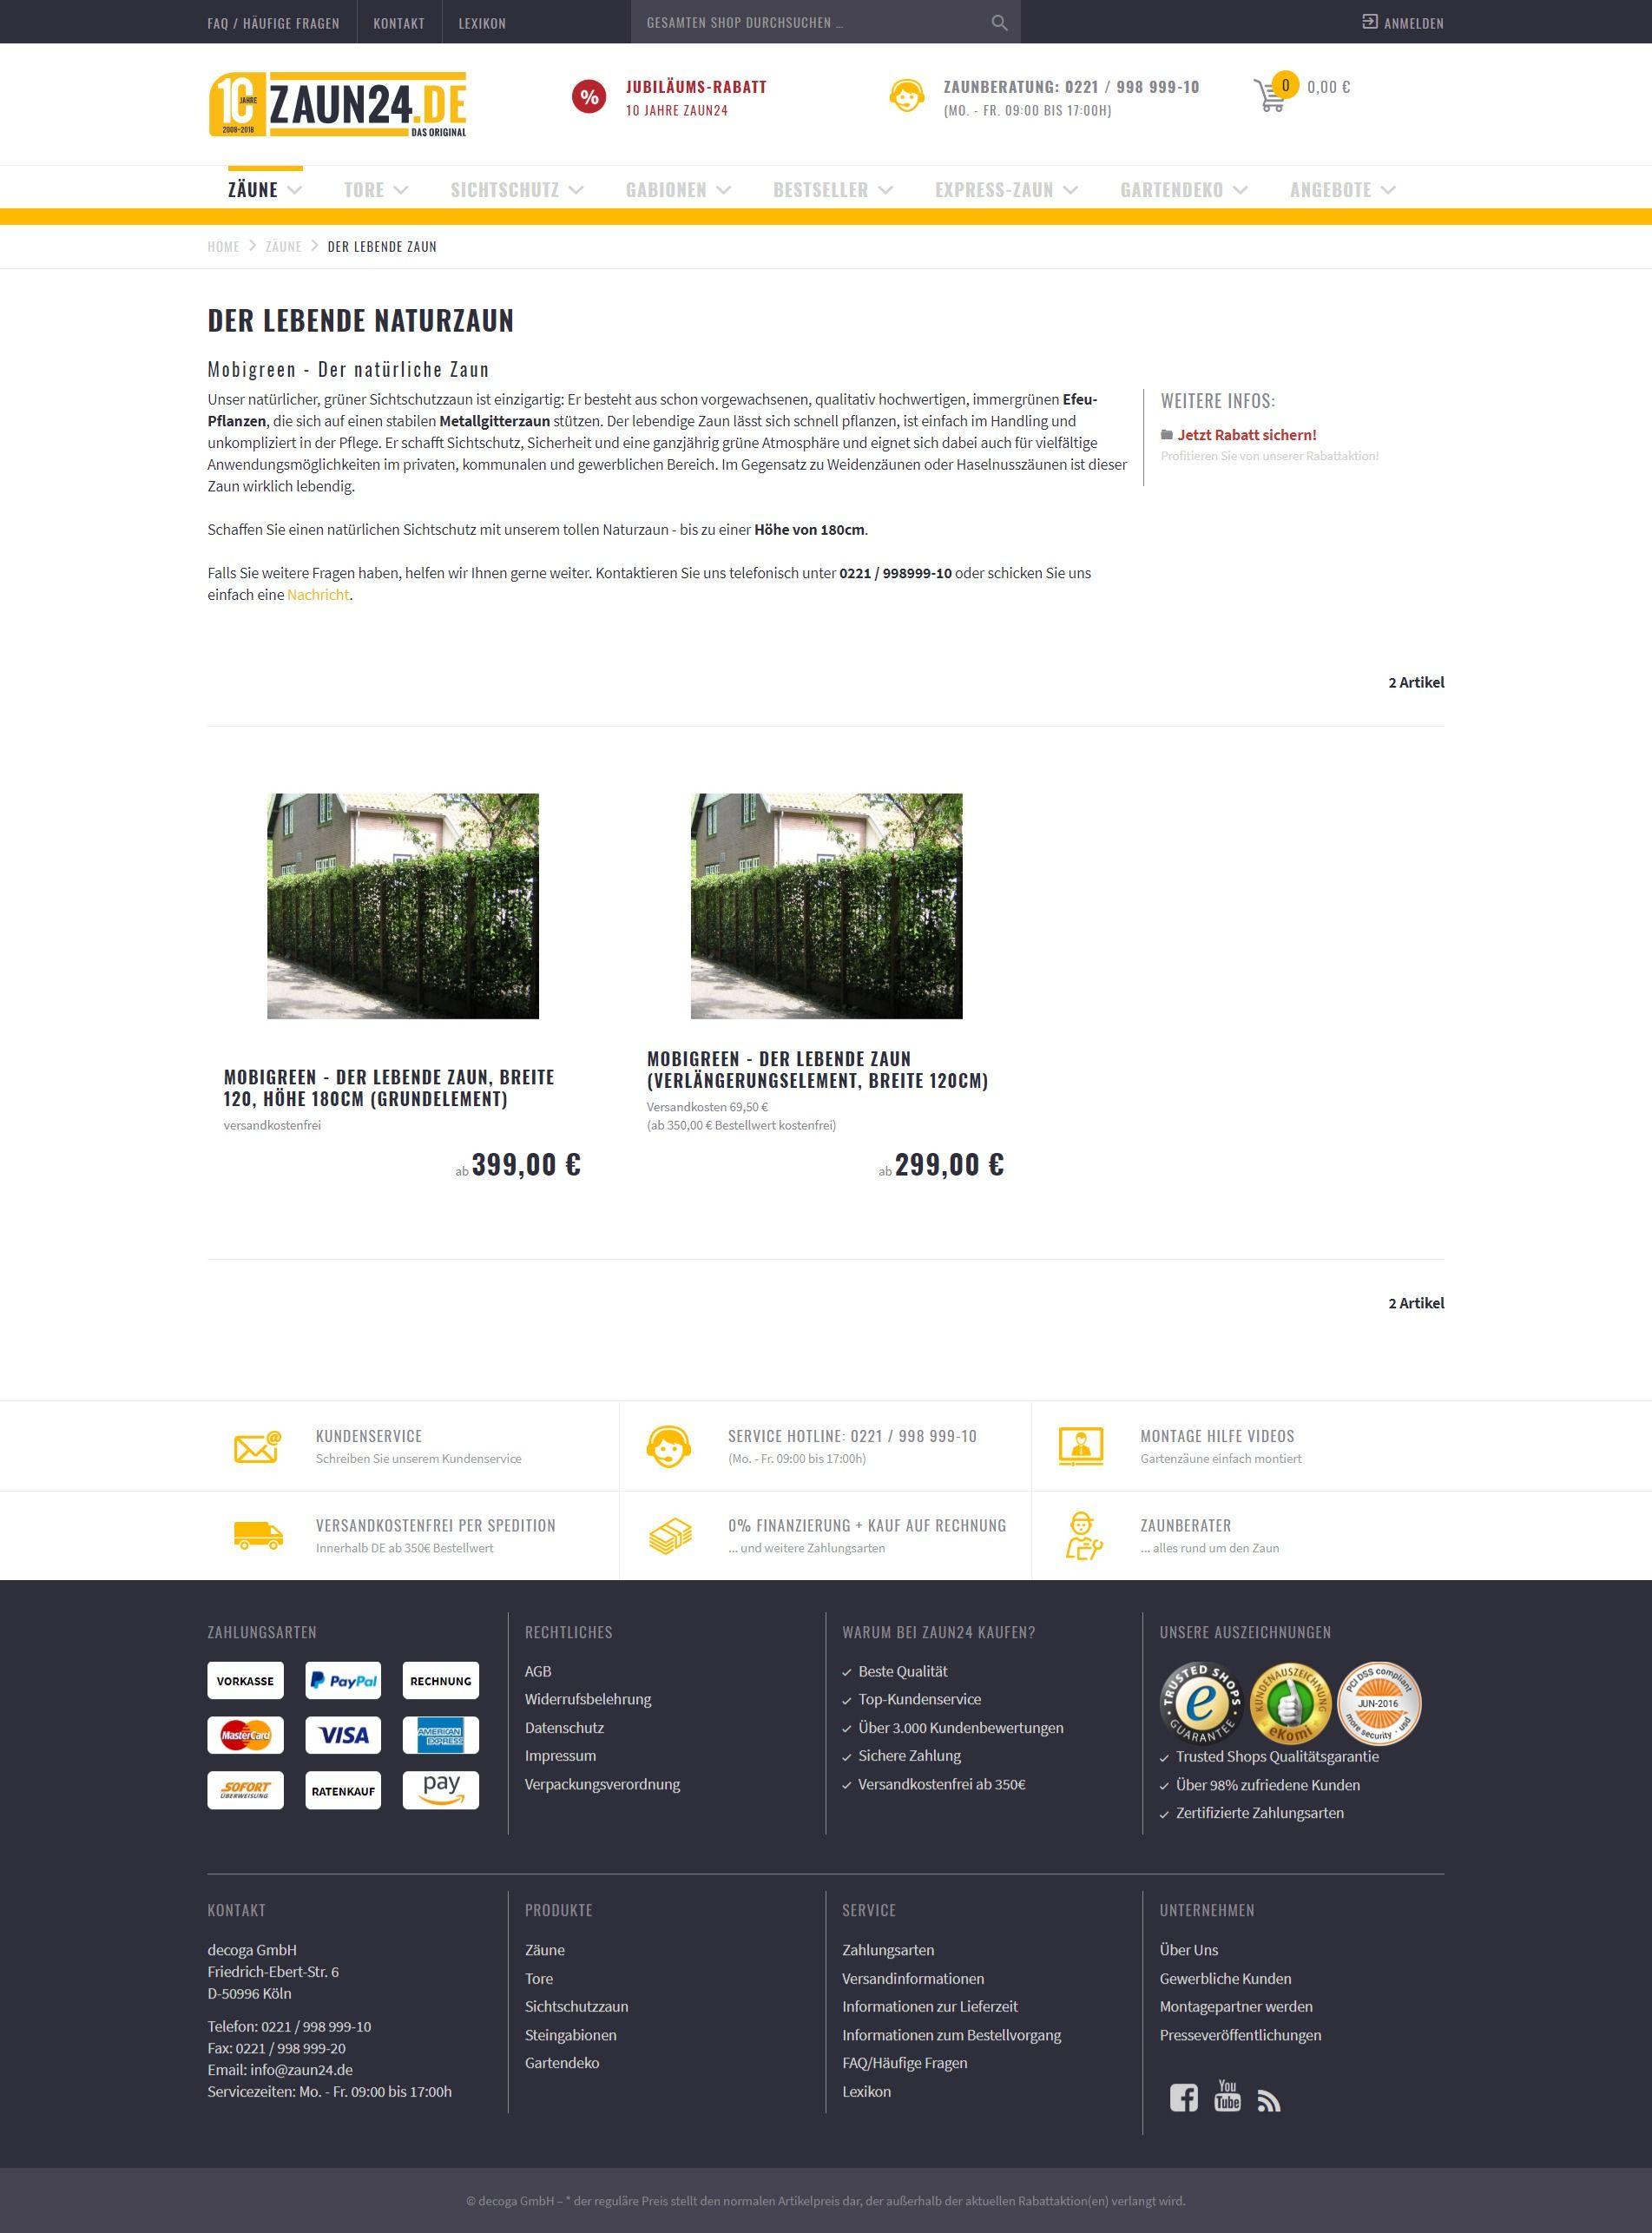 563cde612be908 Lebenden Naturzaun online kaufen bei ZAUN24. Schauen Sie doch mal rein! -  ZAUN24